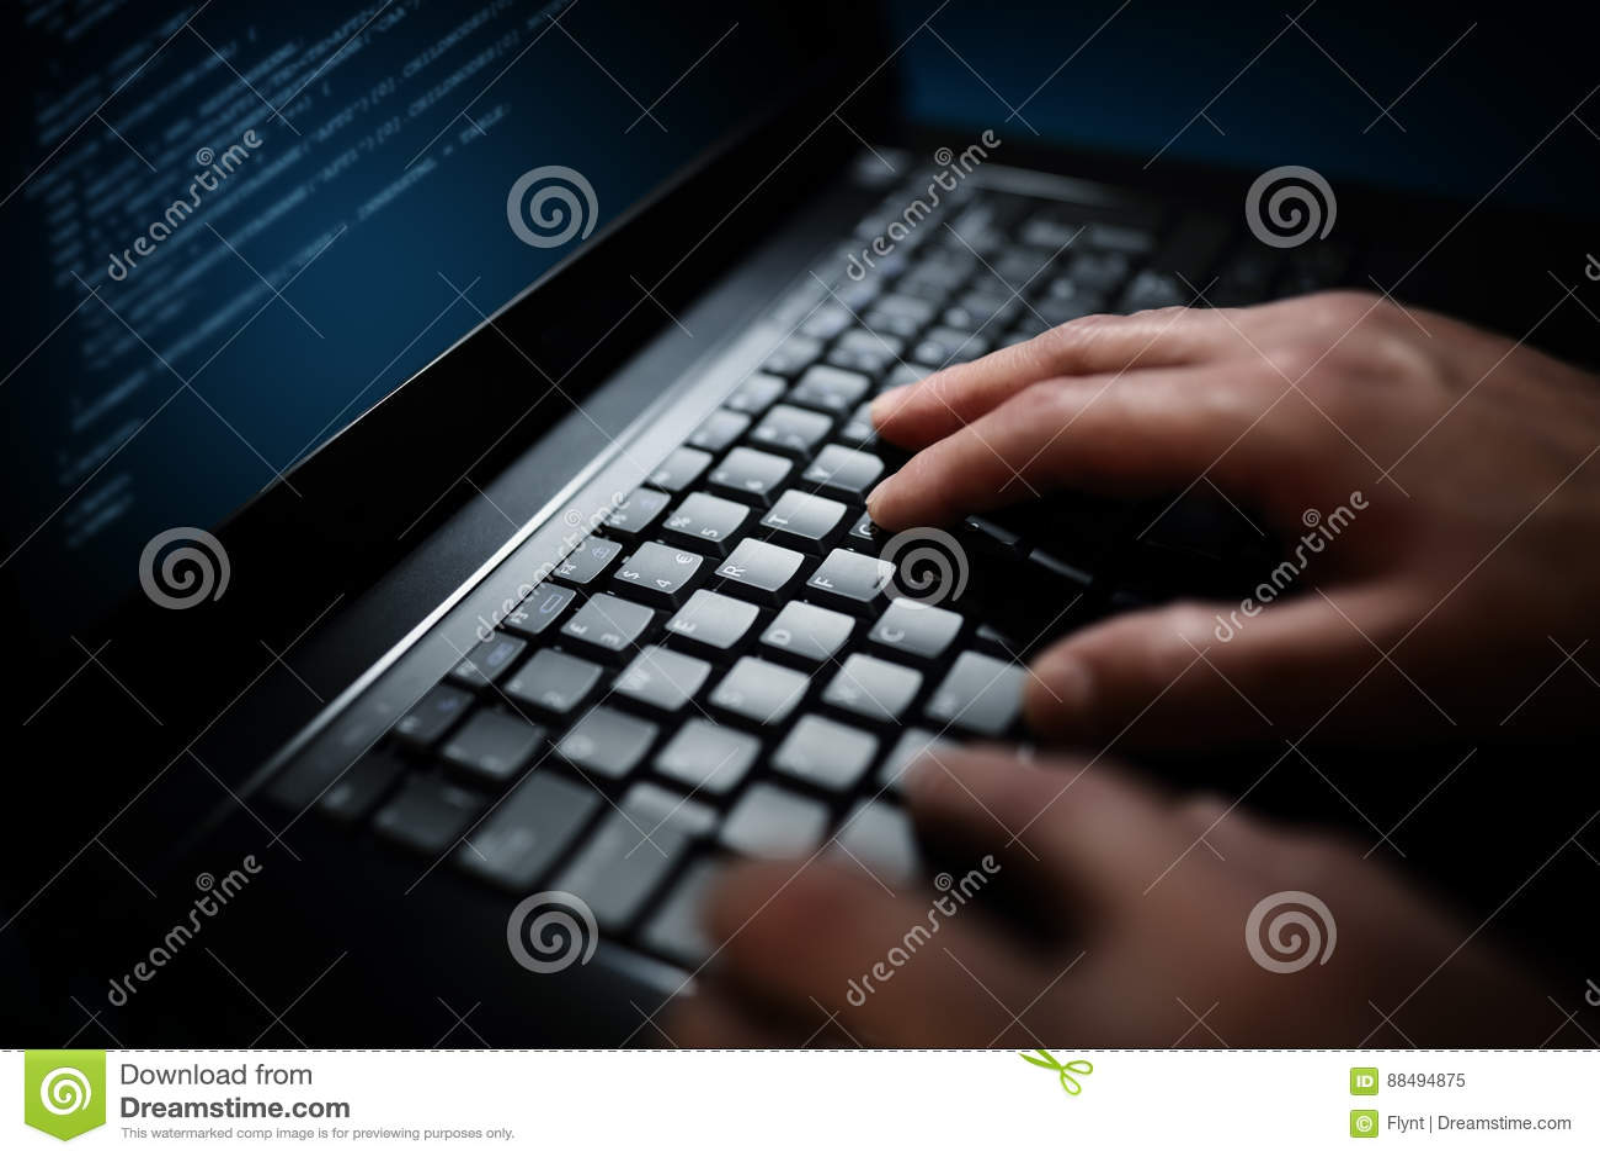 Programmeur of van de computerhakker het typen op laptop toetsenbord